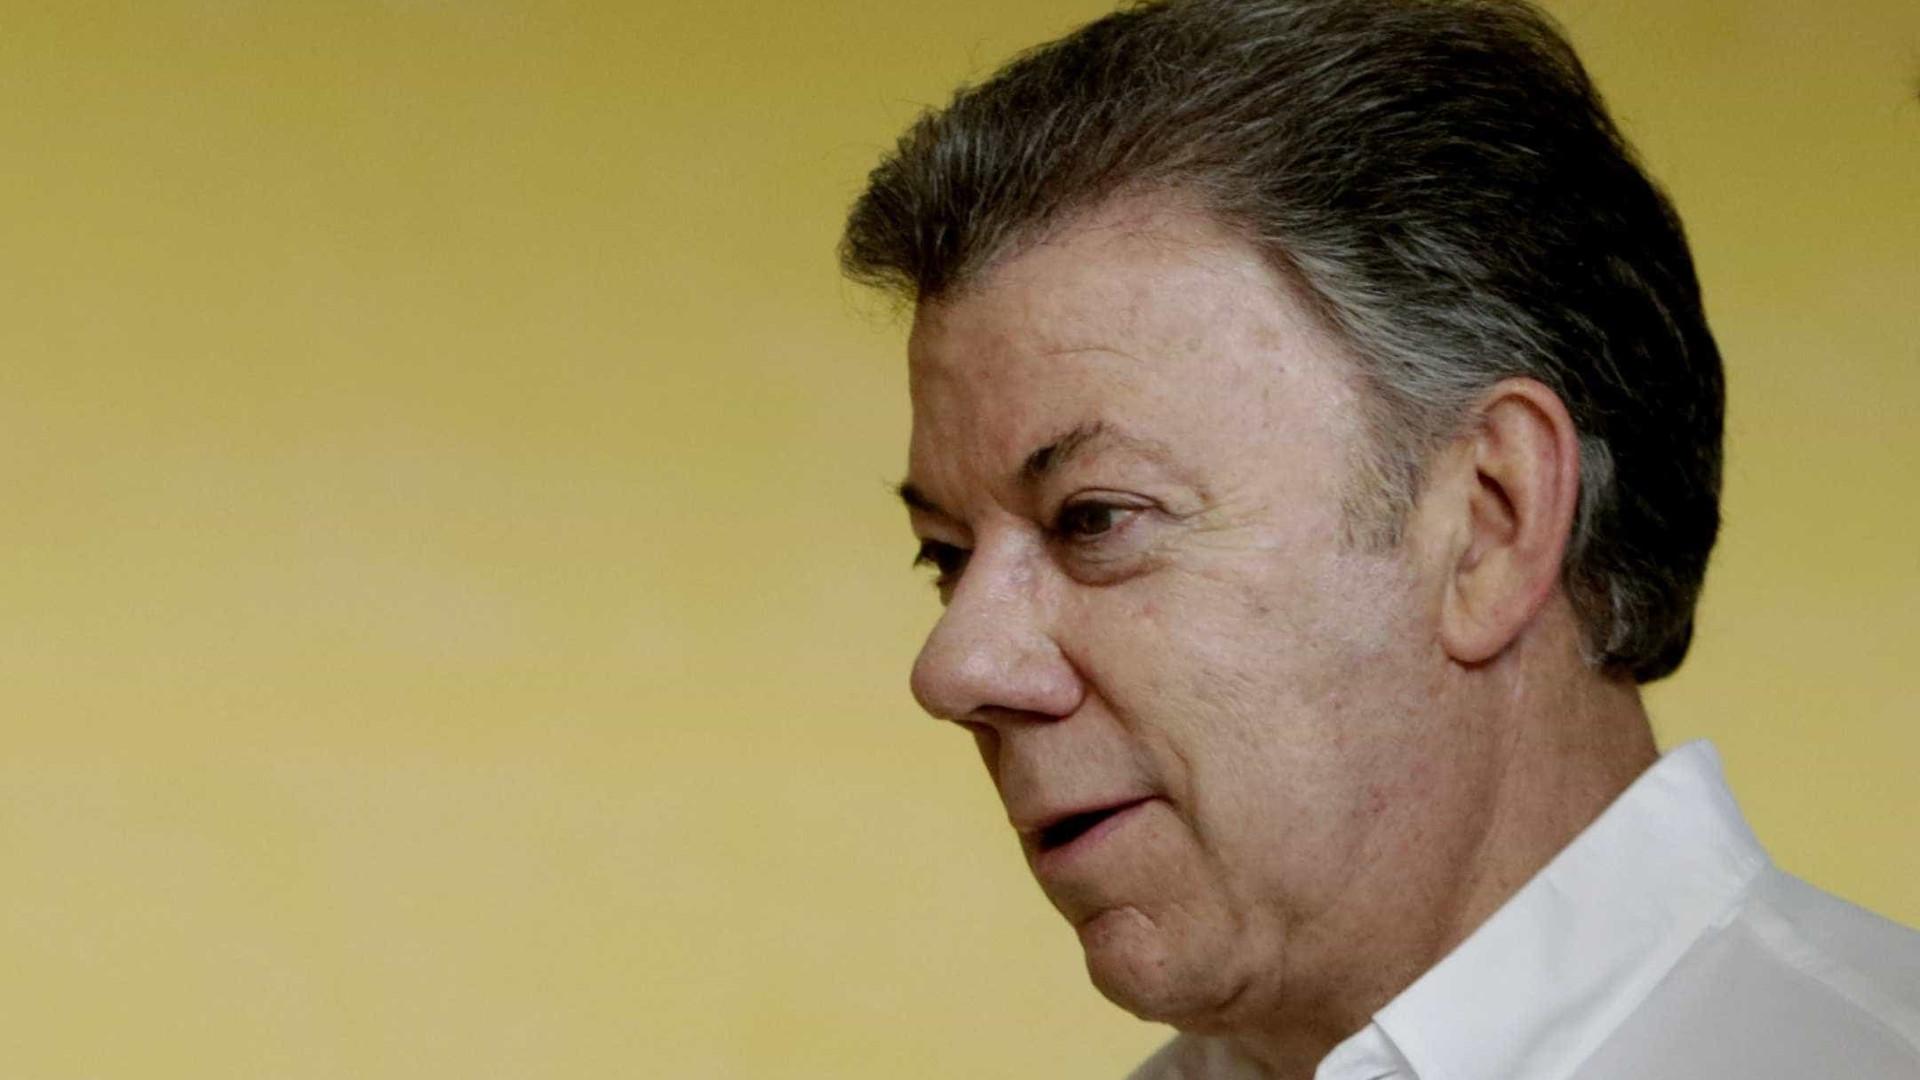 Entrega de armas pelas FARC concluída na próxima semana